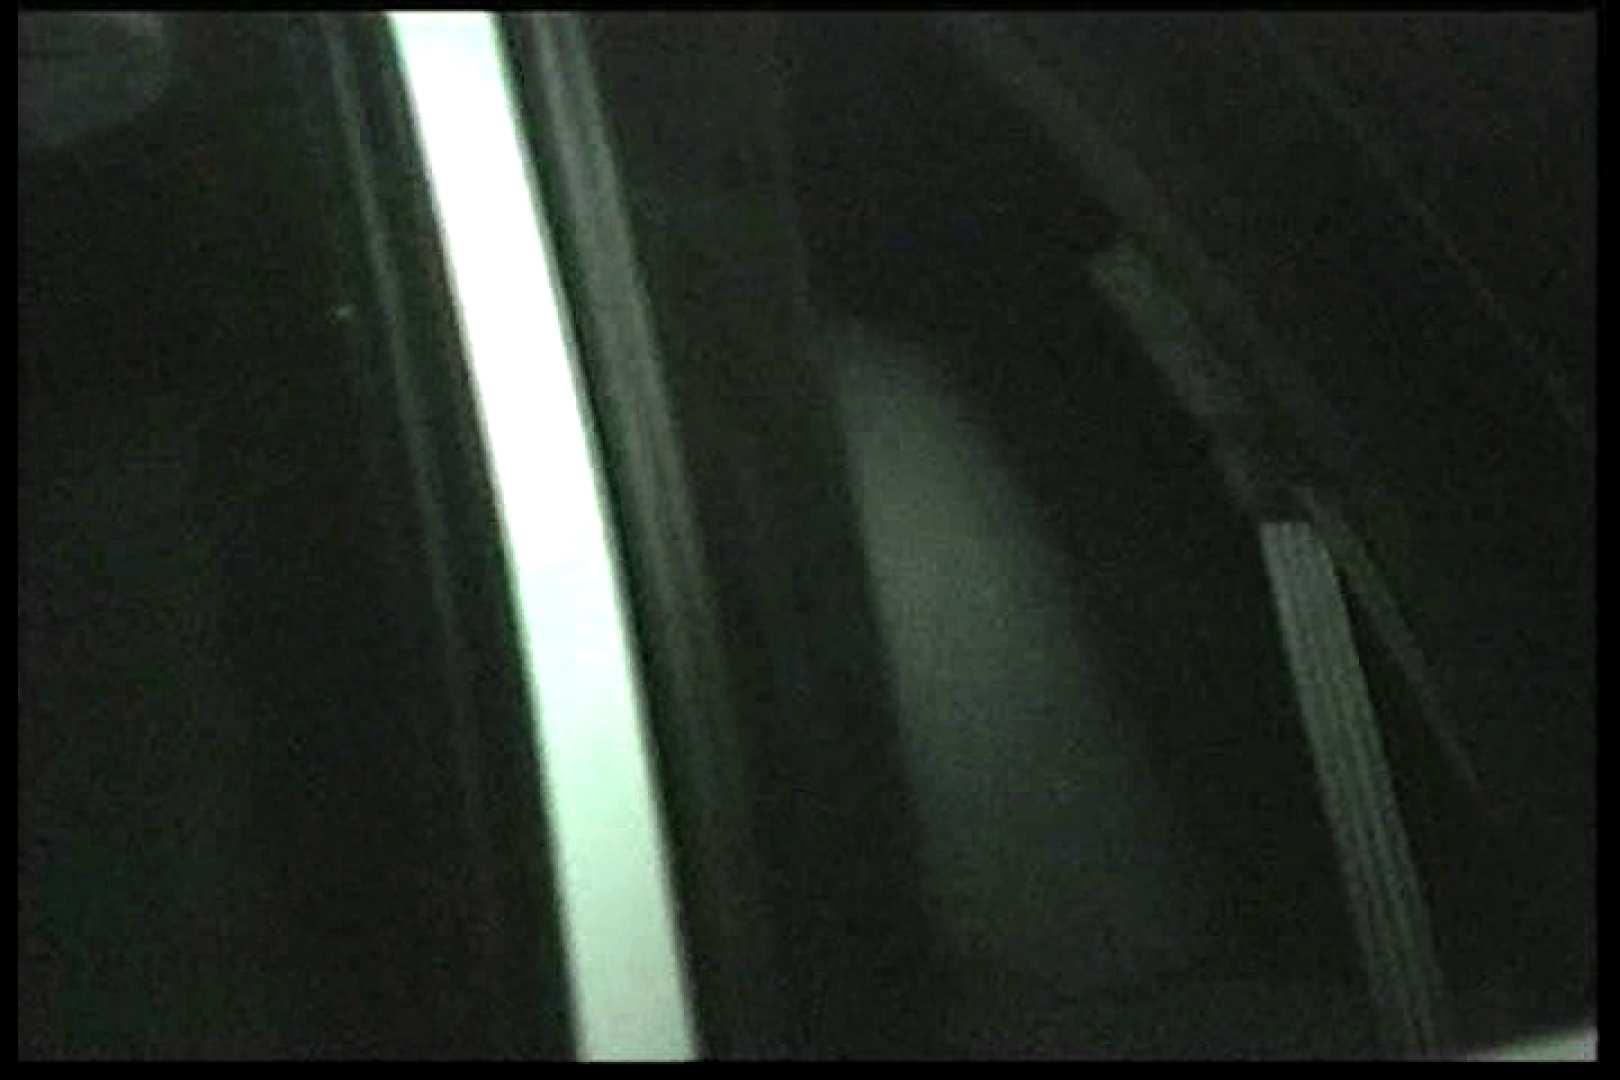 車の中はラブホテル 無修正版  Vol.14 マンコ・ムレムレ AV動画キャプチャ 77pic 75